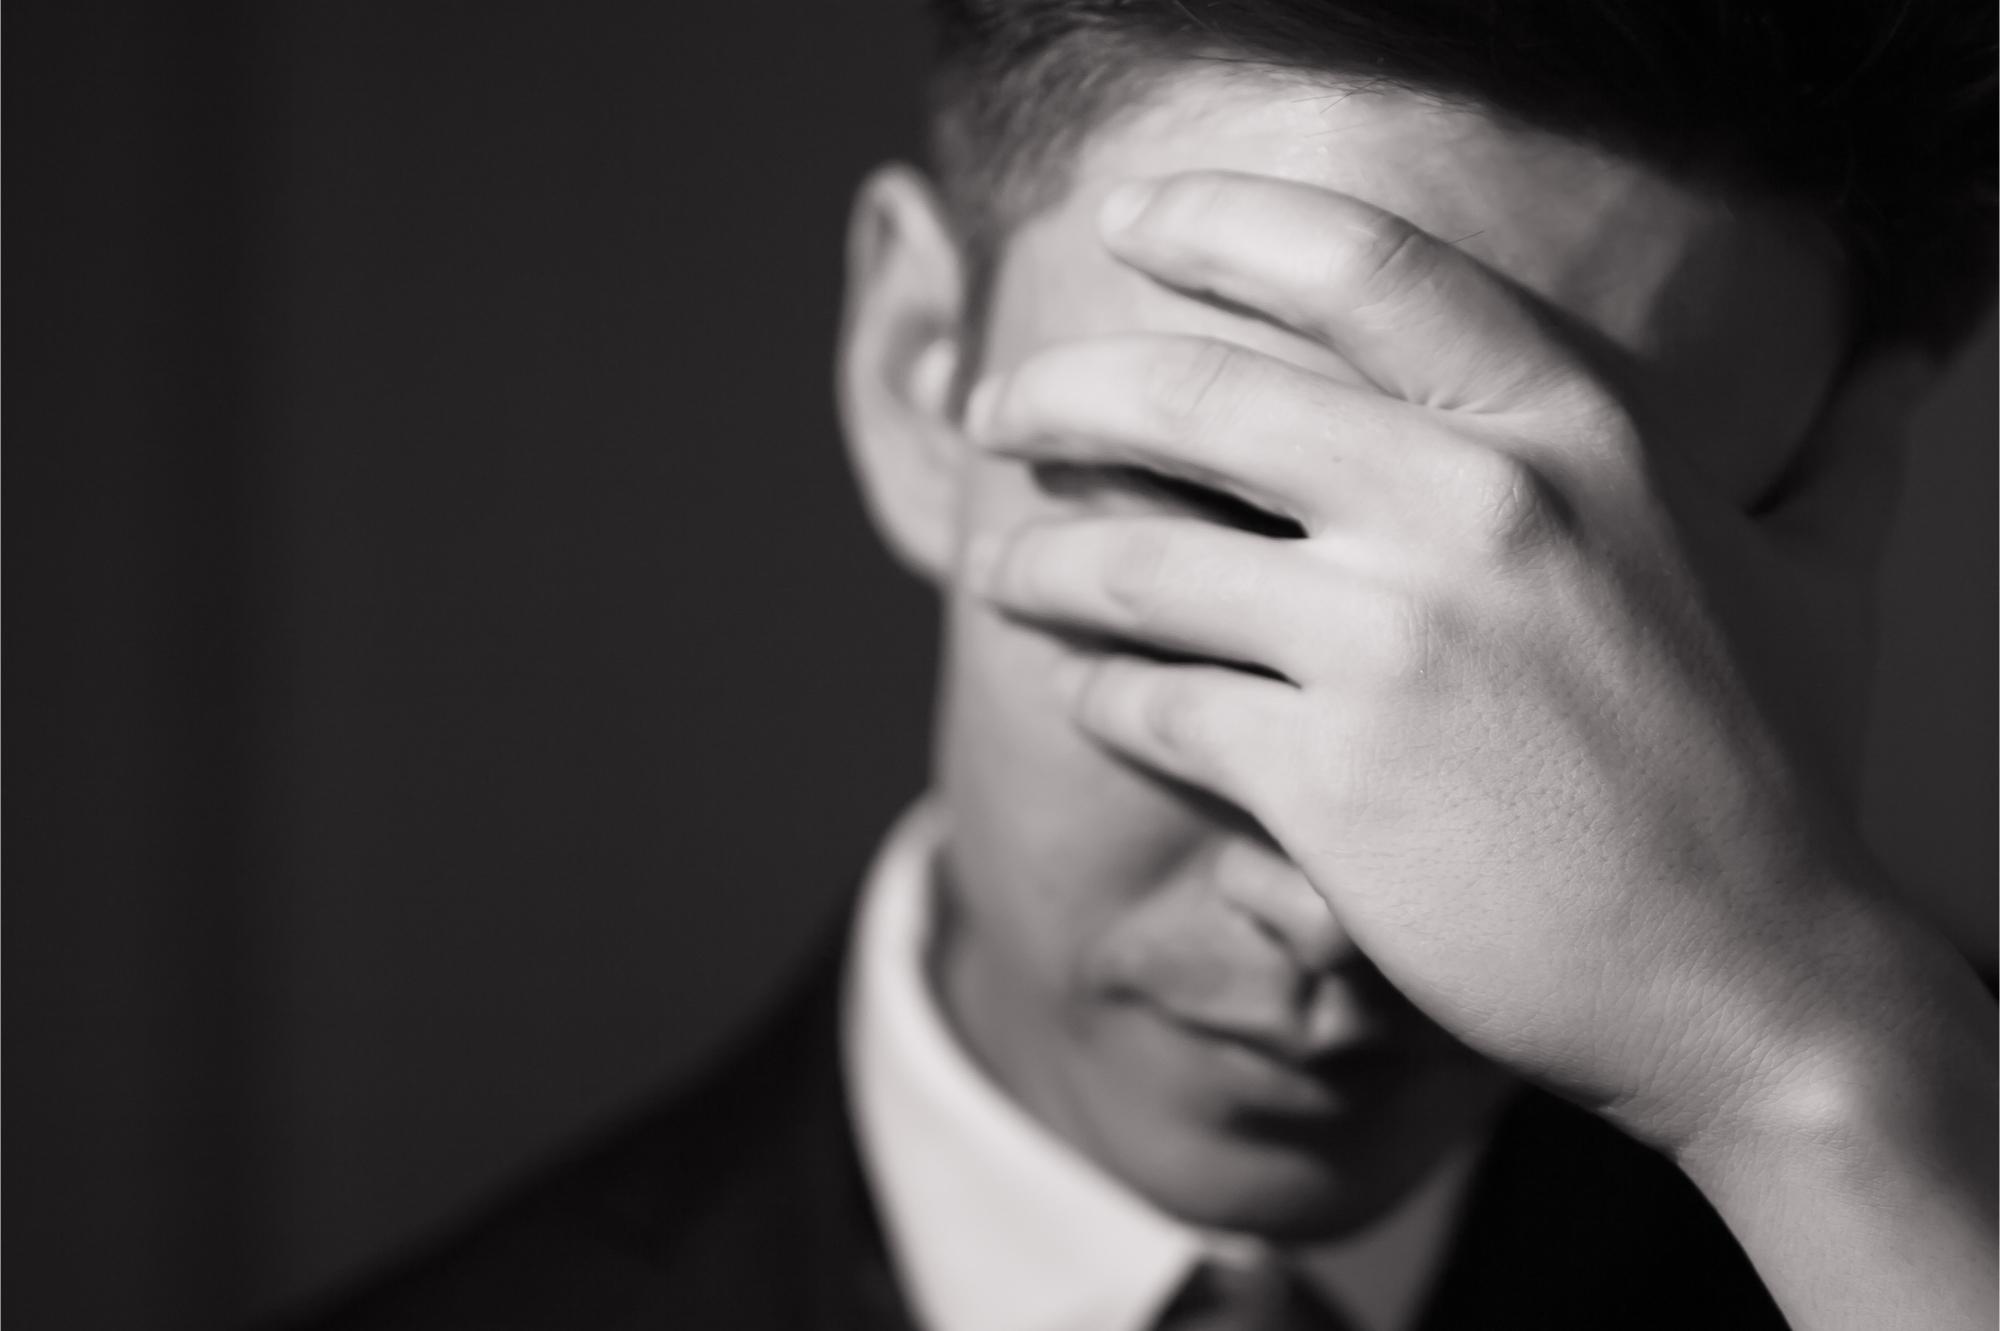 Miért nem sírnak a férfiak?